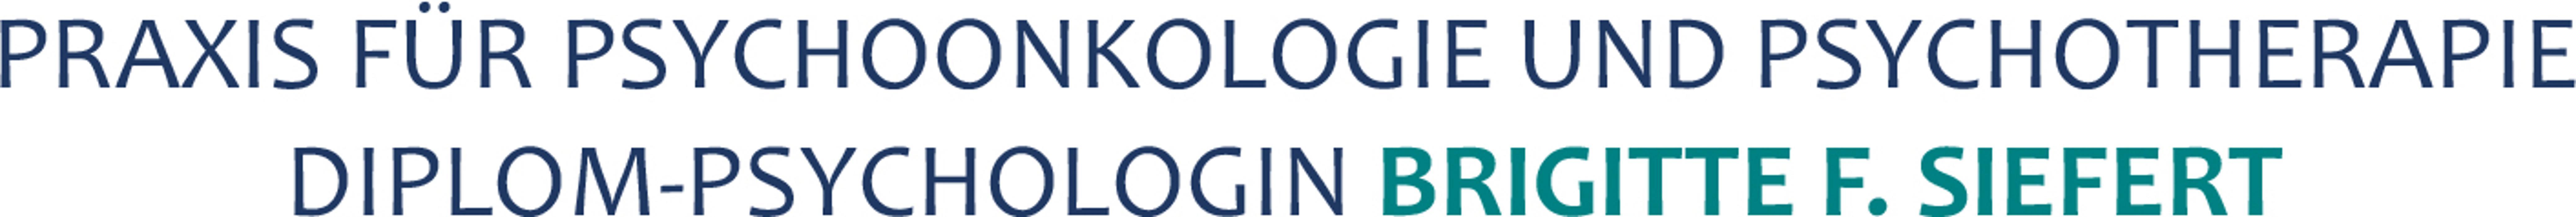 Bild zu Praxis für Psychoonkologie und Psychotherapie Brigitte F. Siefert in Gelsenkirchen